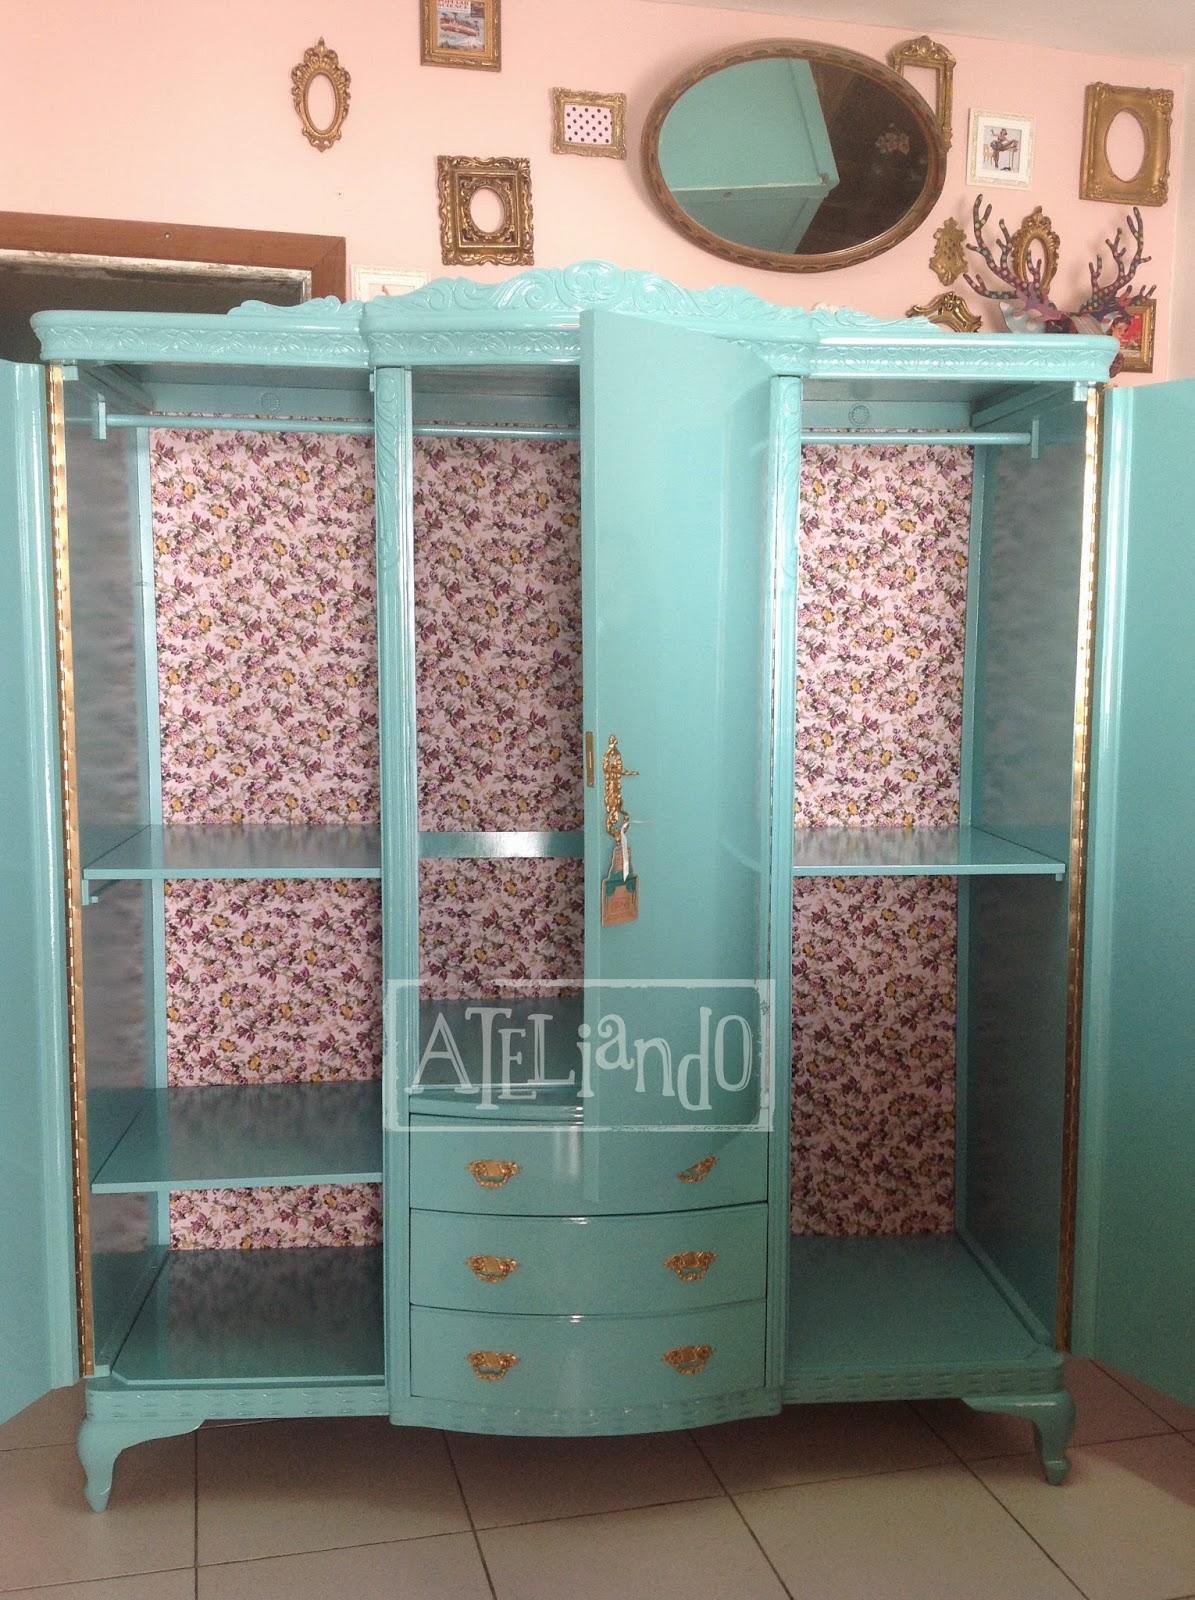 Ateliando Customização de móveis antigos: Do lixo ao luxo  #91563A 1195x1600